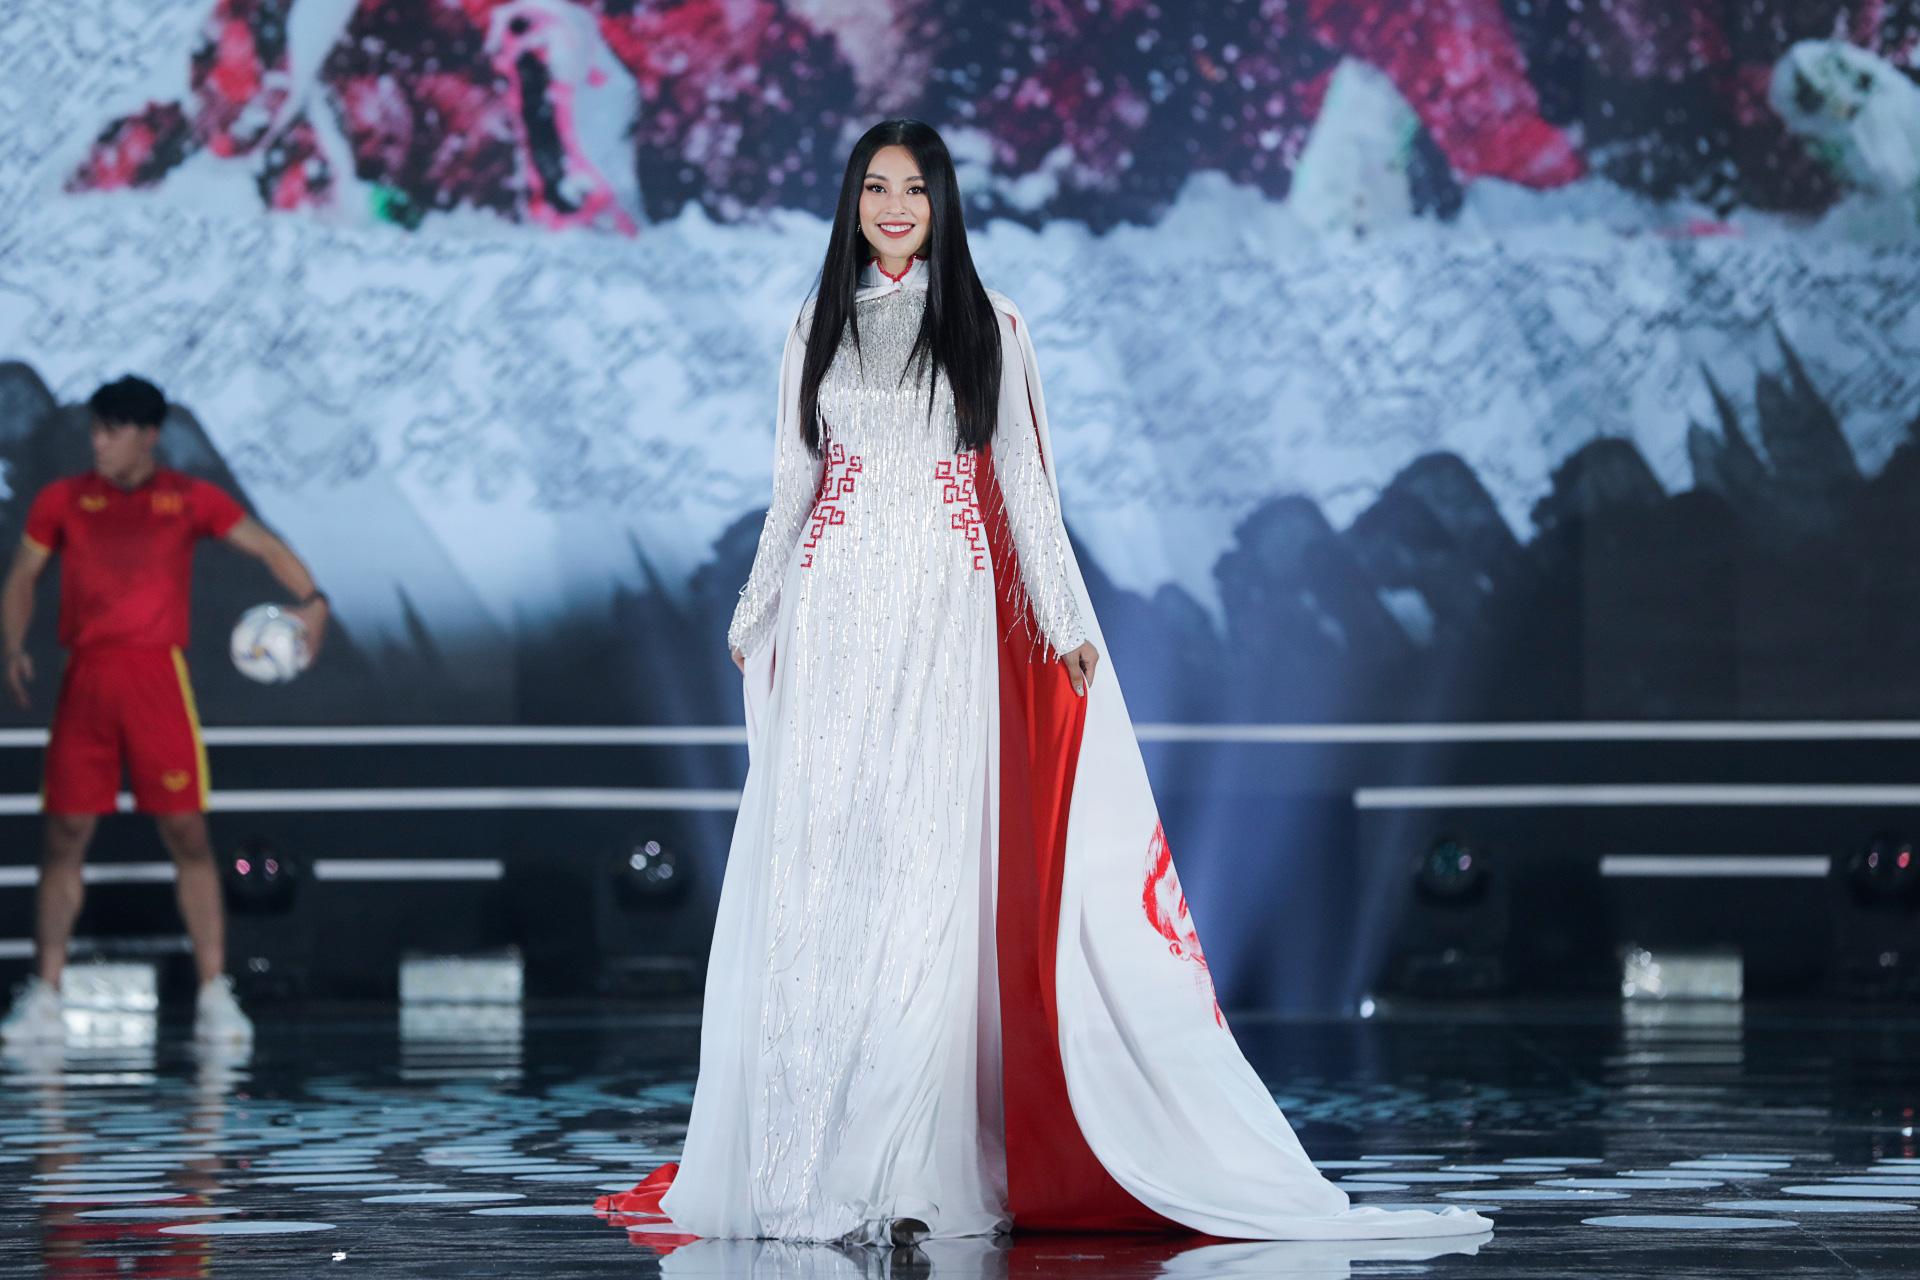 5 Hoa hậu mặc áo dài đọ sắc Chung kết Hoa hậu Việt Nam: Đặng Thu Thảo đẹp tựa nữ thần,  - Ảnh 8.